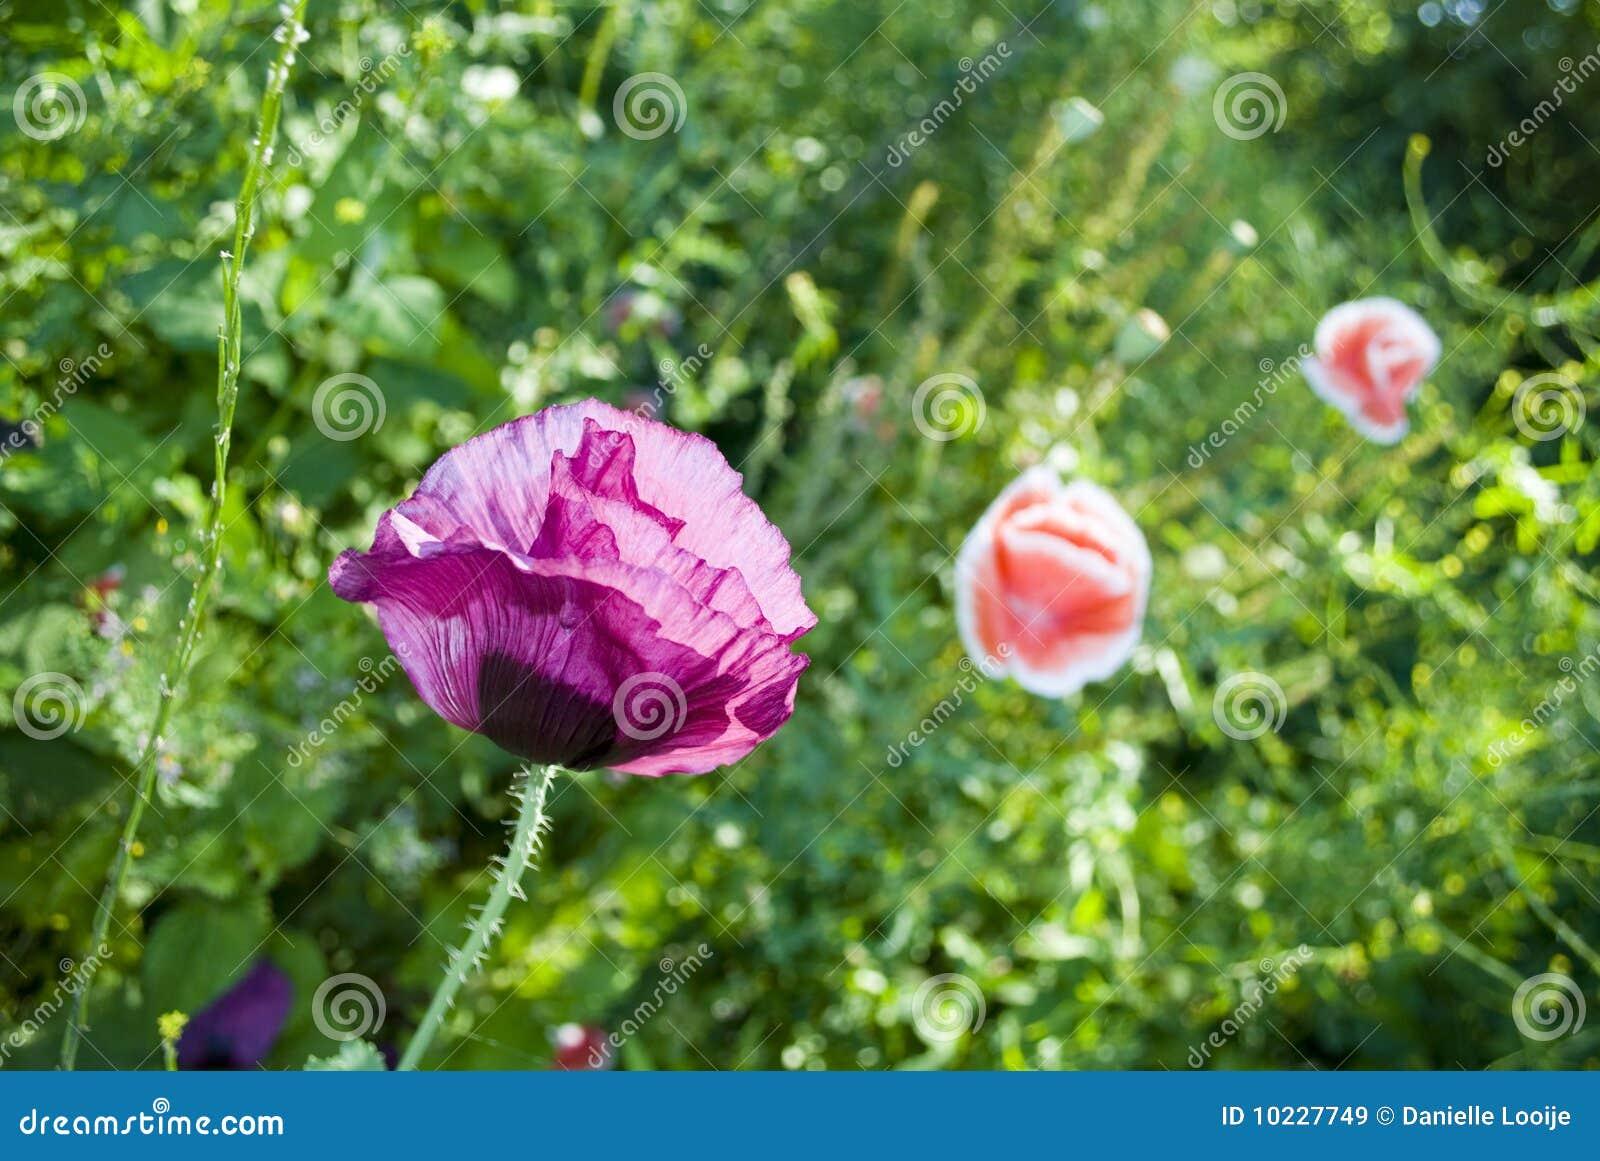 Crecimiento de flor de la amapola en el jard n im genes de for Amapola jardin de infantes palermo